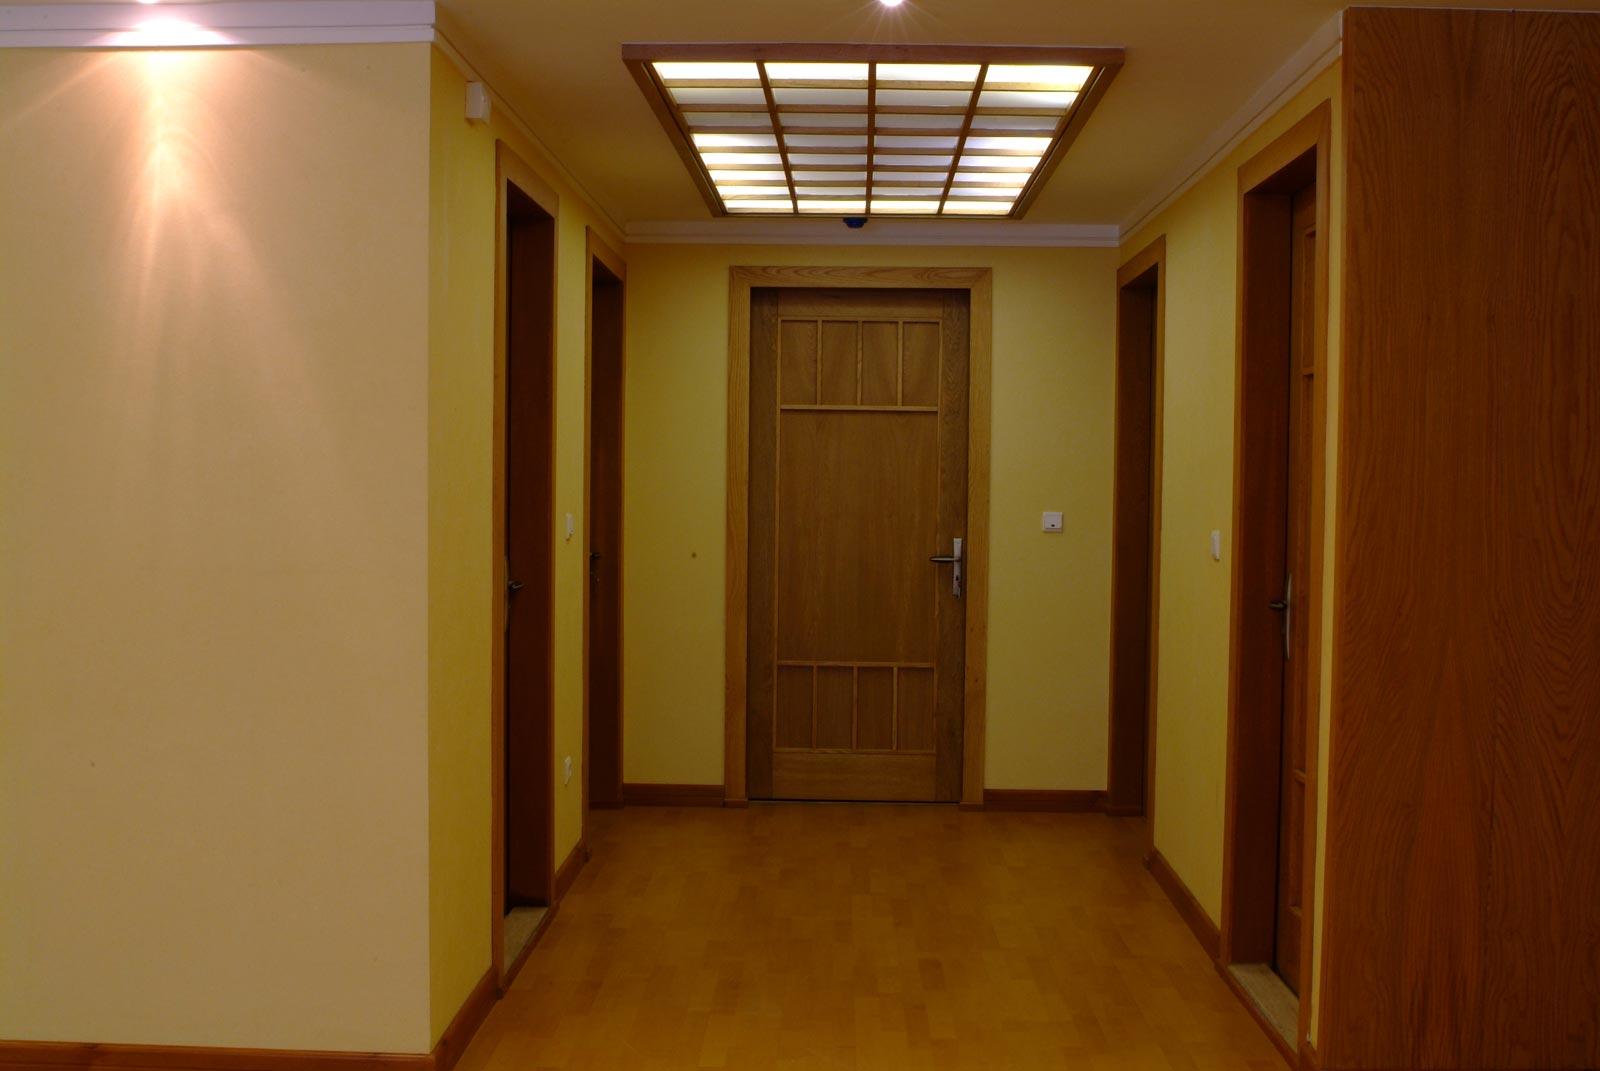 طراحی داخلی مجتمع مسکونی اردیبهشت